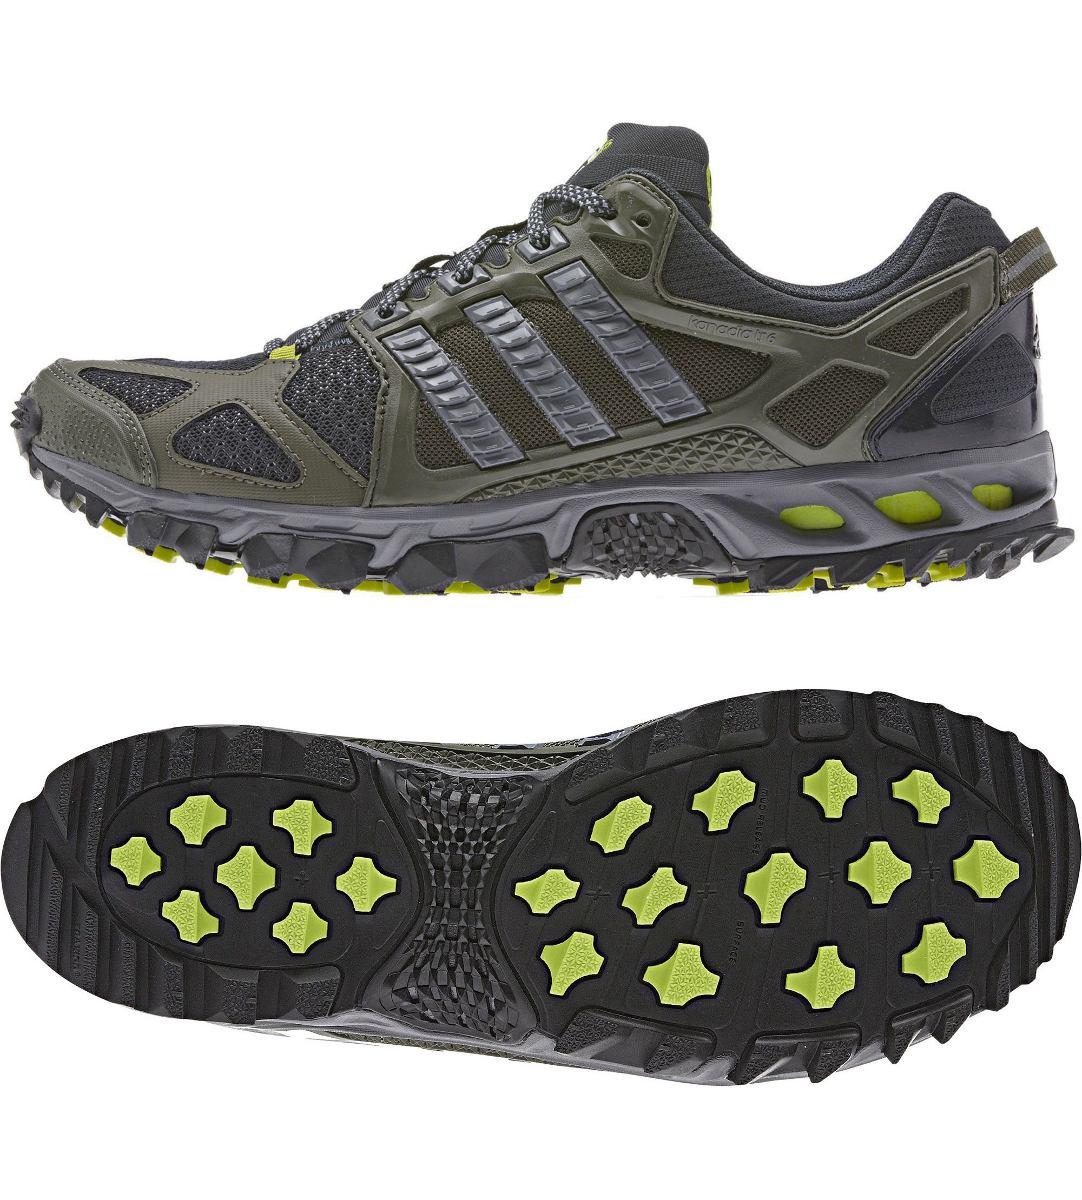 4qfzd4b Adidas Zapatos Hombre De Mercadolibre w8knP0O